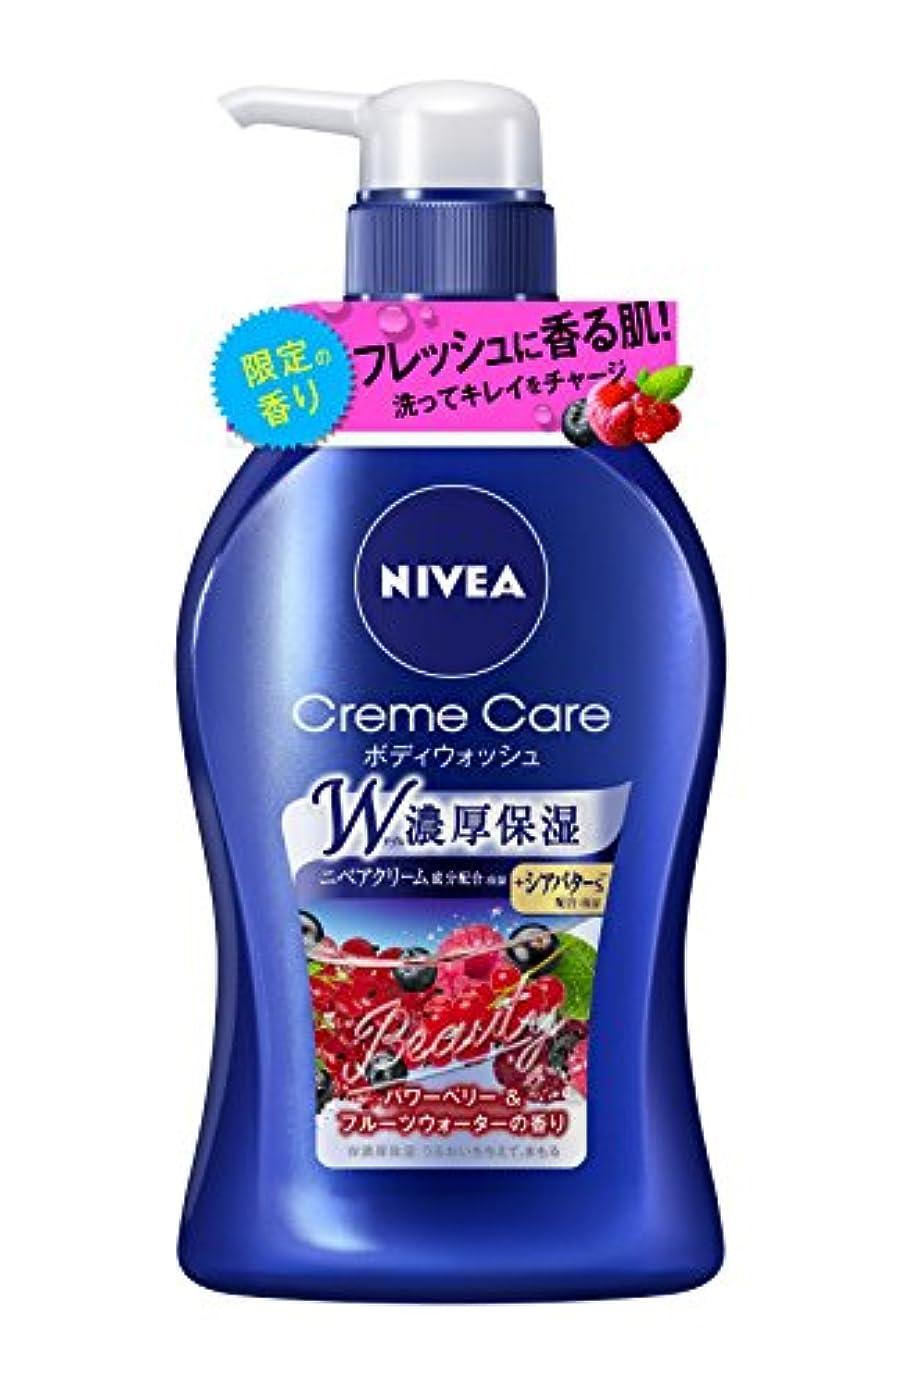 に賛成ホラー条件付きニベア クリームケアボディウォッシュ パワーベリー&フルーツウォーターの香り ポンプ 480ml